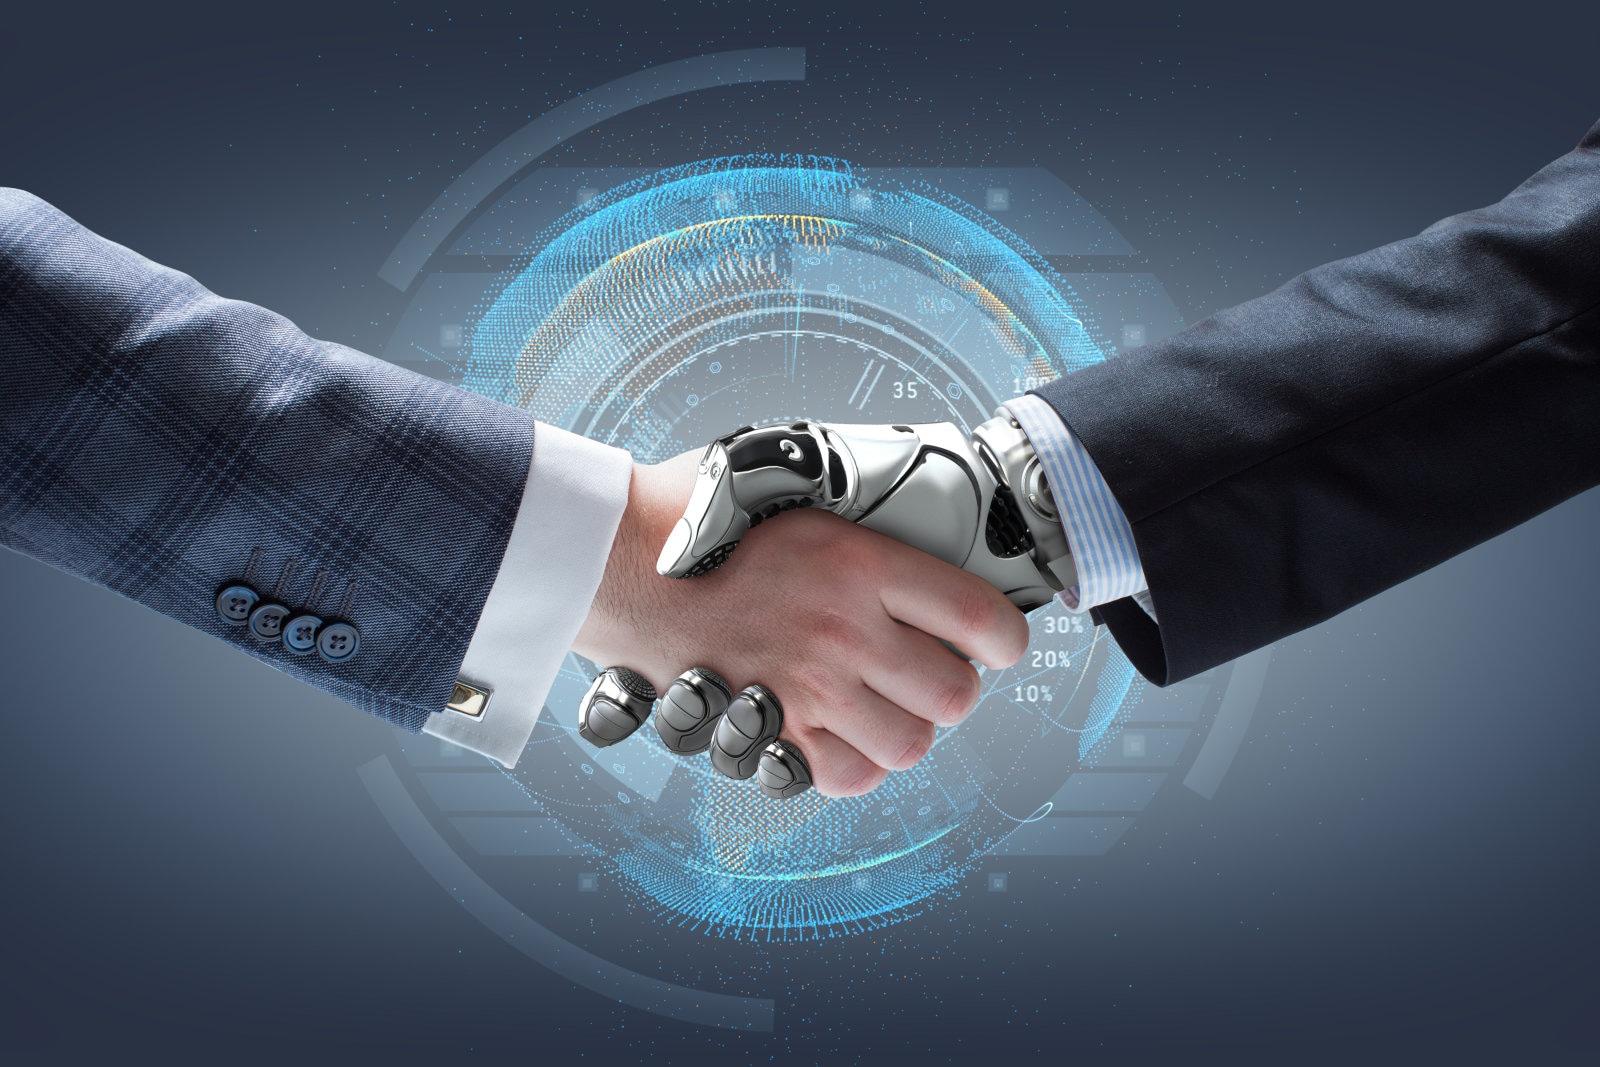 Aperto de mãos entre humano e robô